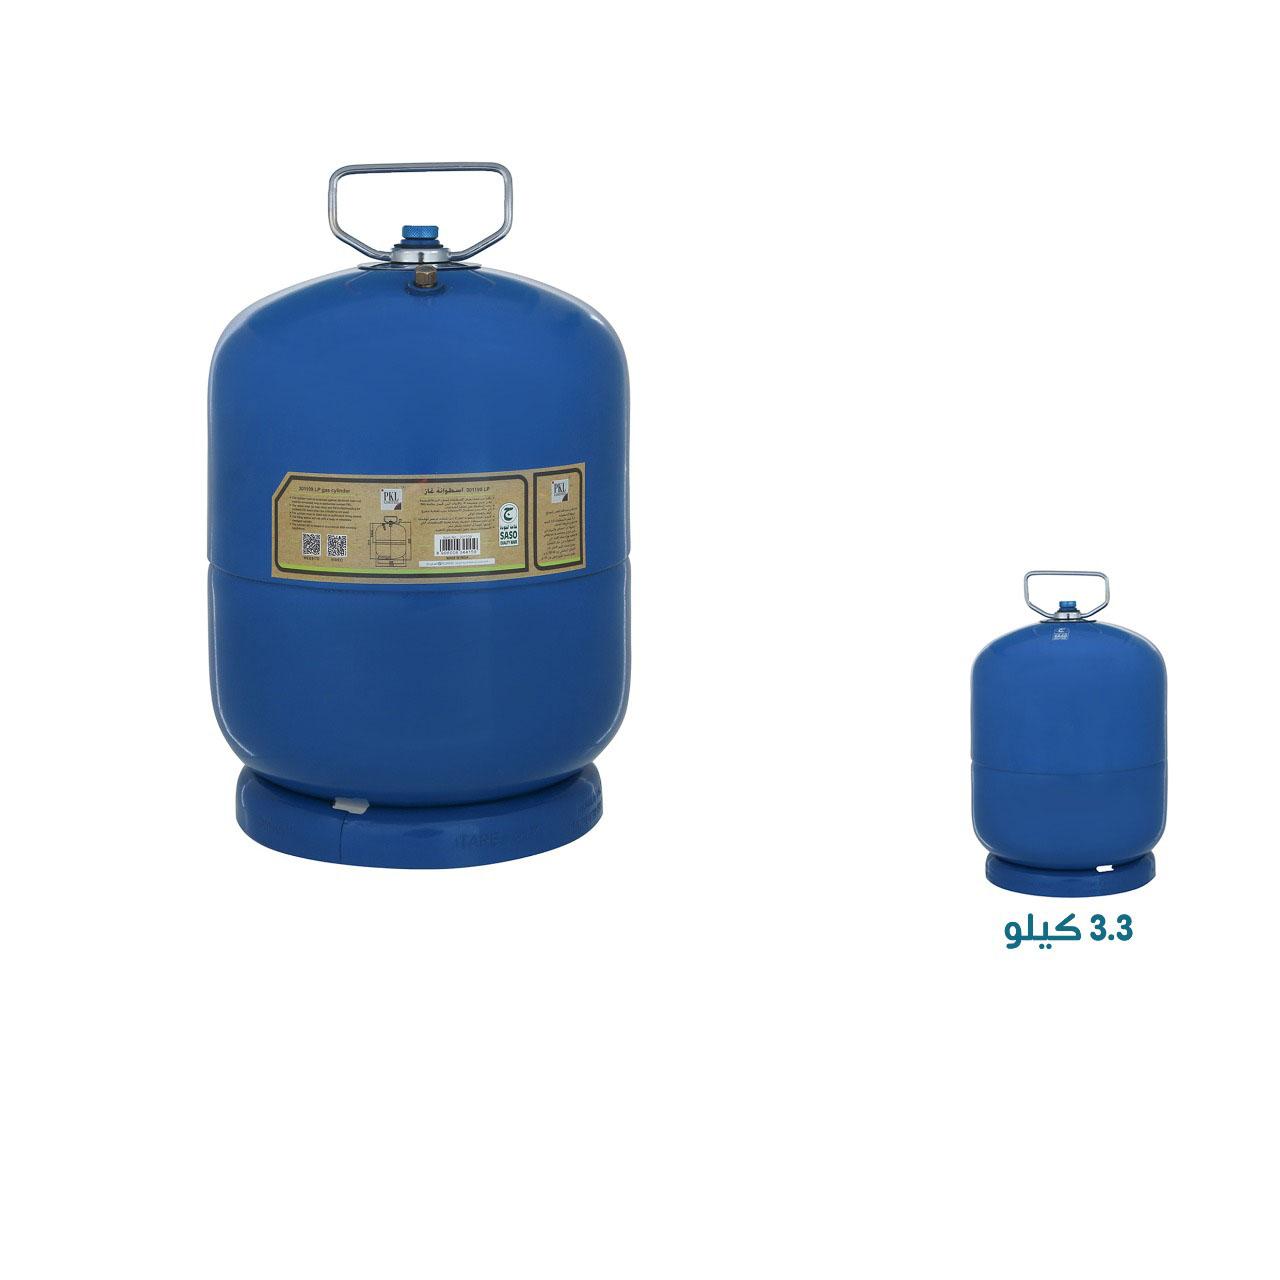 دبة غاز PKL ضد الانفجار سعة 3.3 كيلو لون ازرق